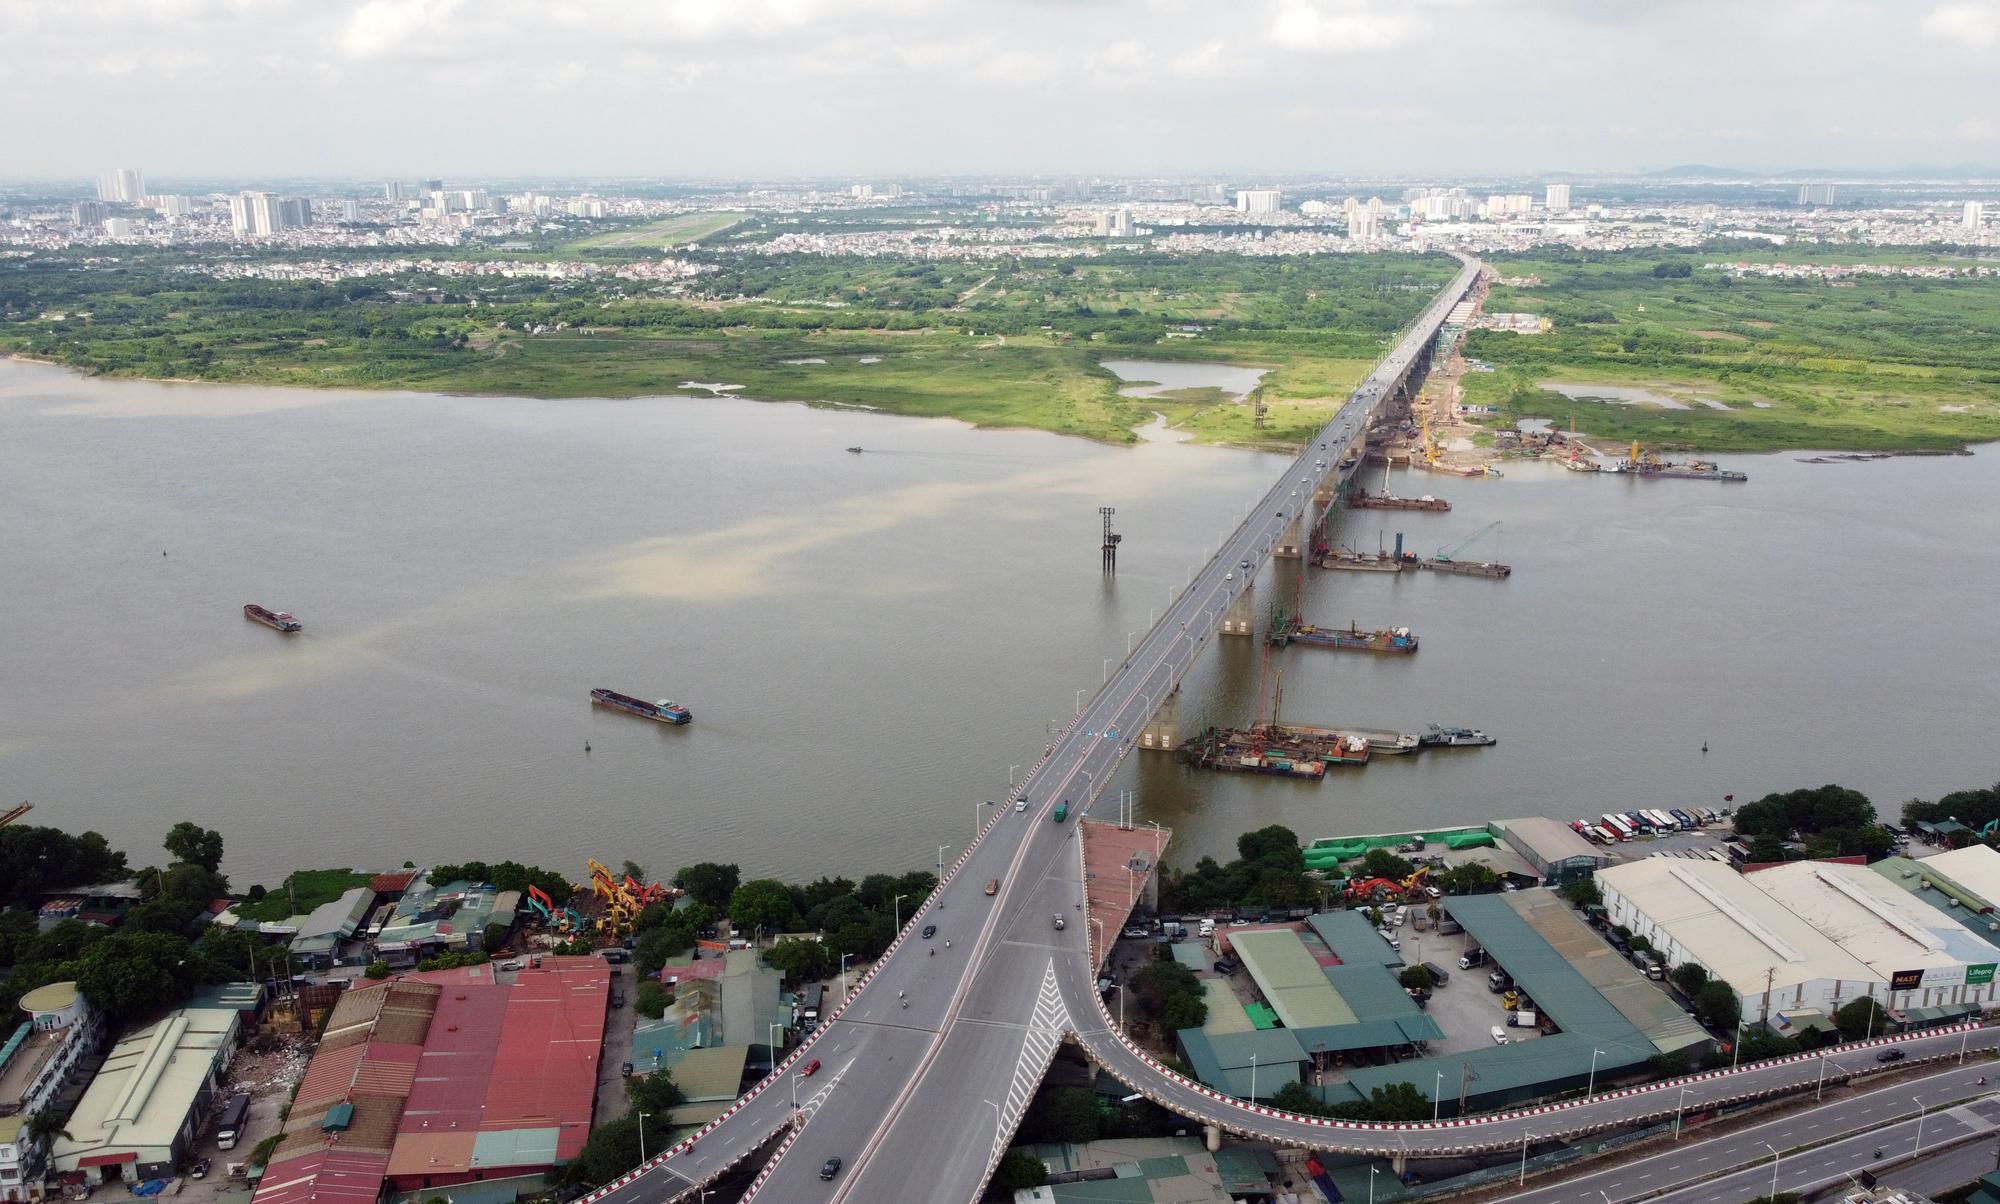 Hình ảnh dự án giao thông trọng điểm của Hà Nội thi công khi giãn cách xã hội - Ảnh 1.